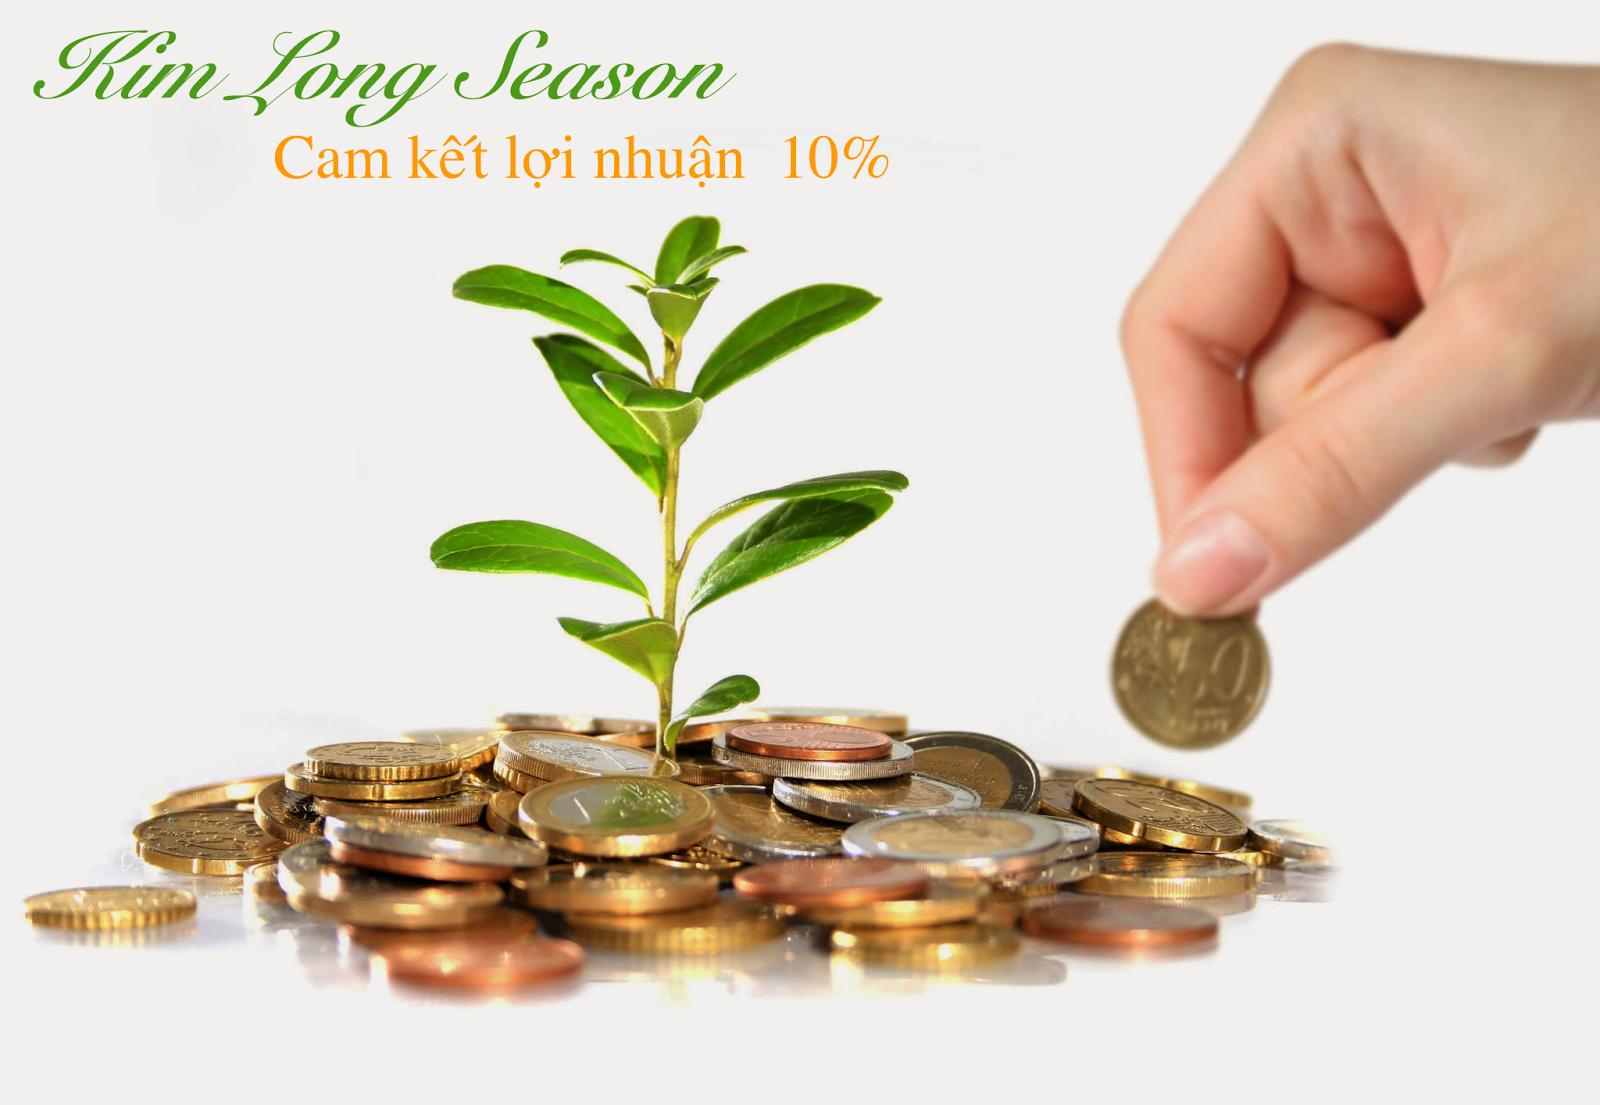 Kim Long Season cam kết lợi nhuận hấp dẫn cho khách hàng